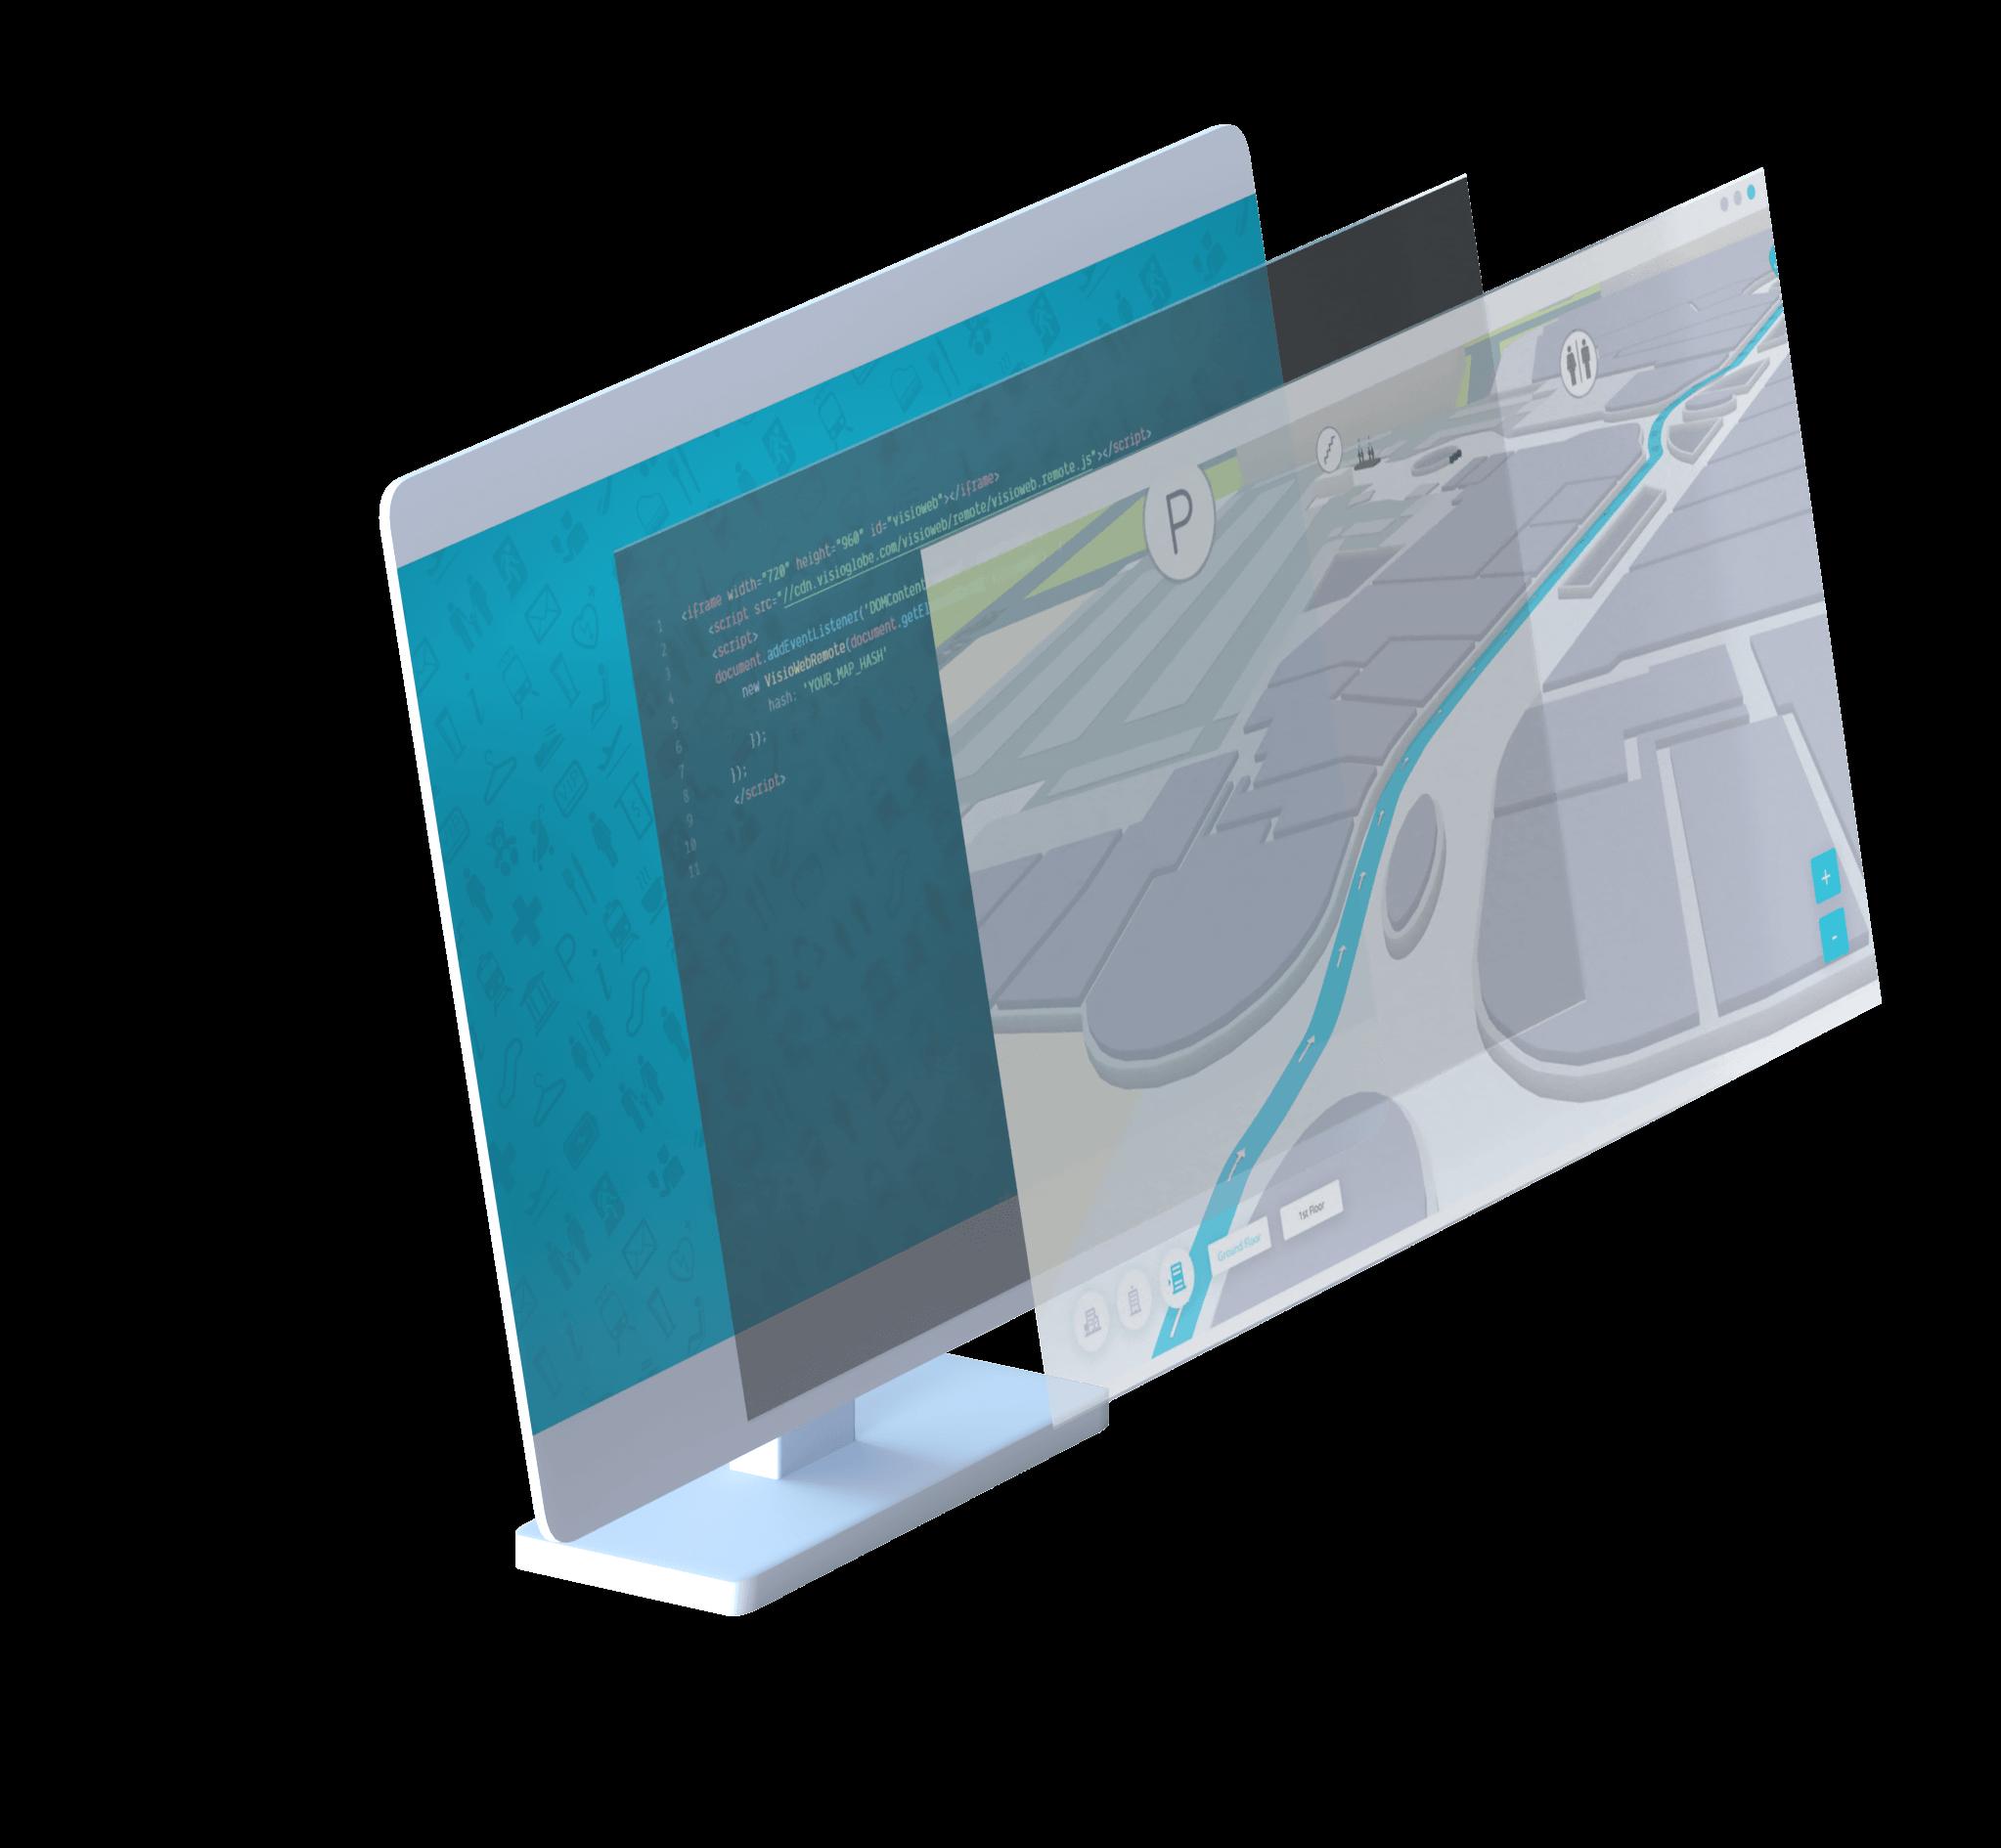 indoor-map-visioweb-remote